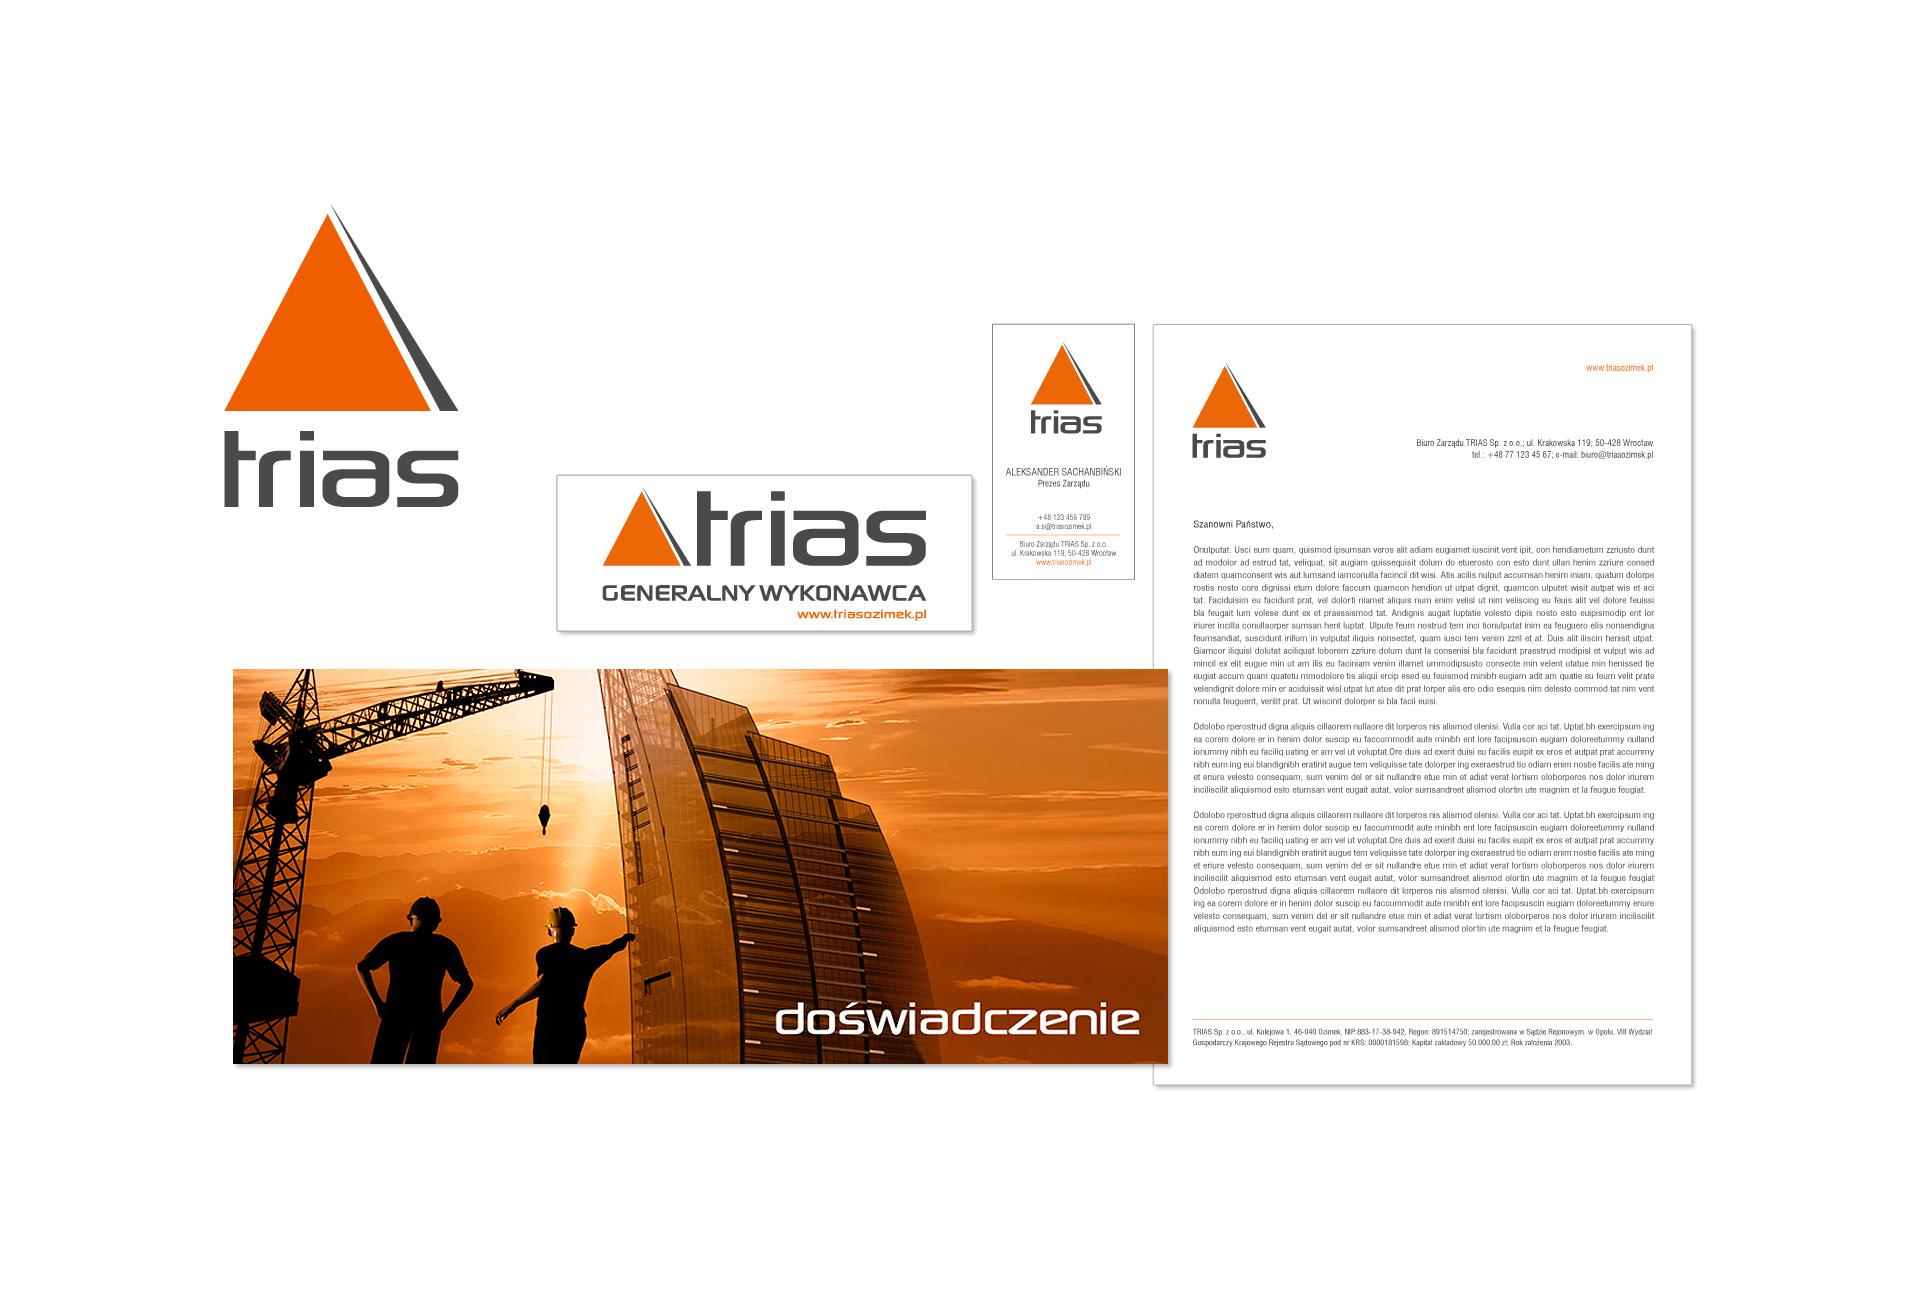 trias-budownictwo-id